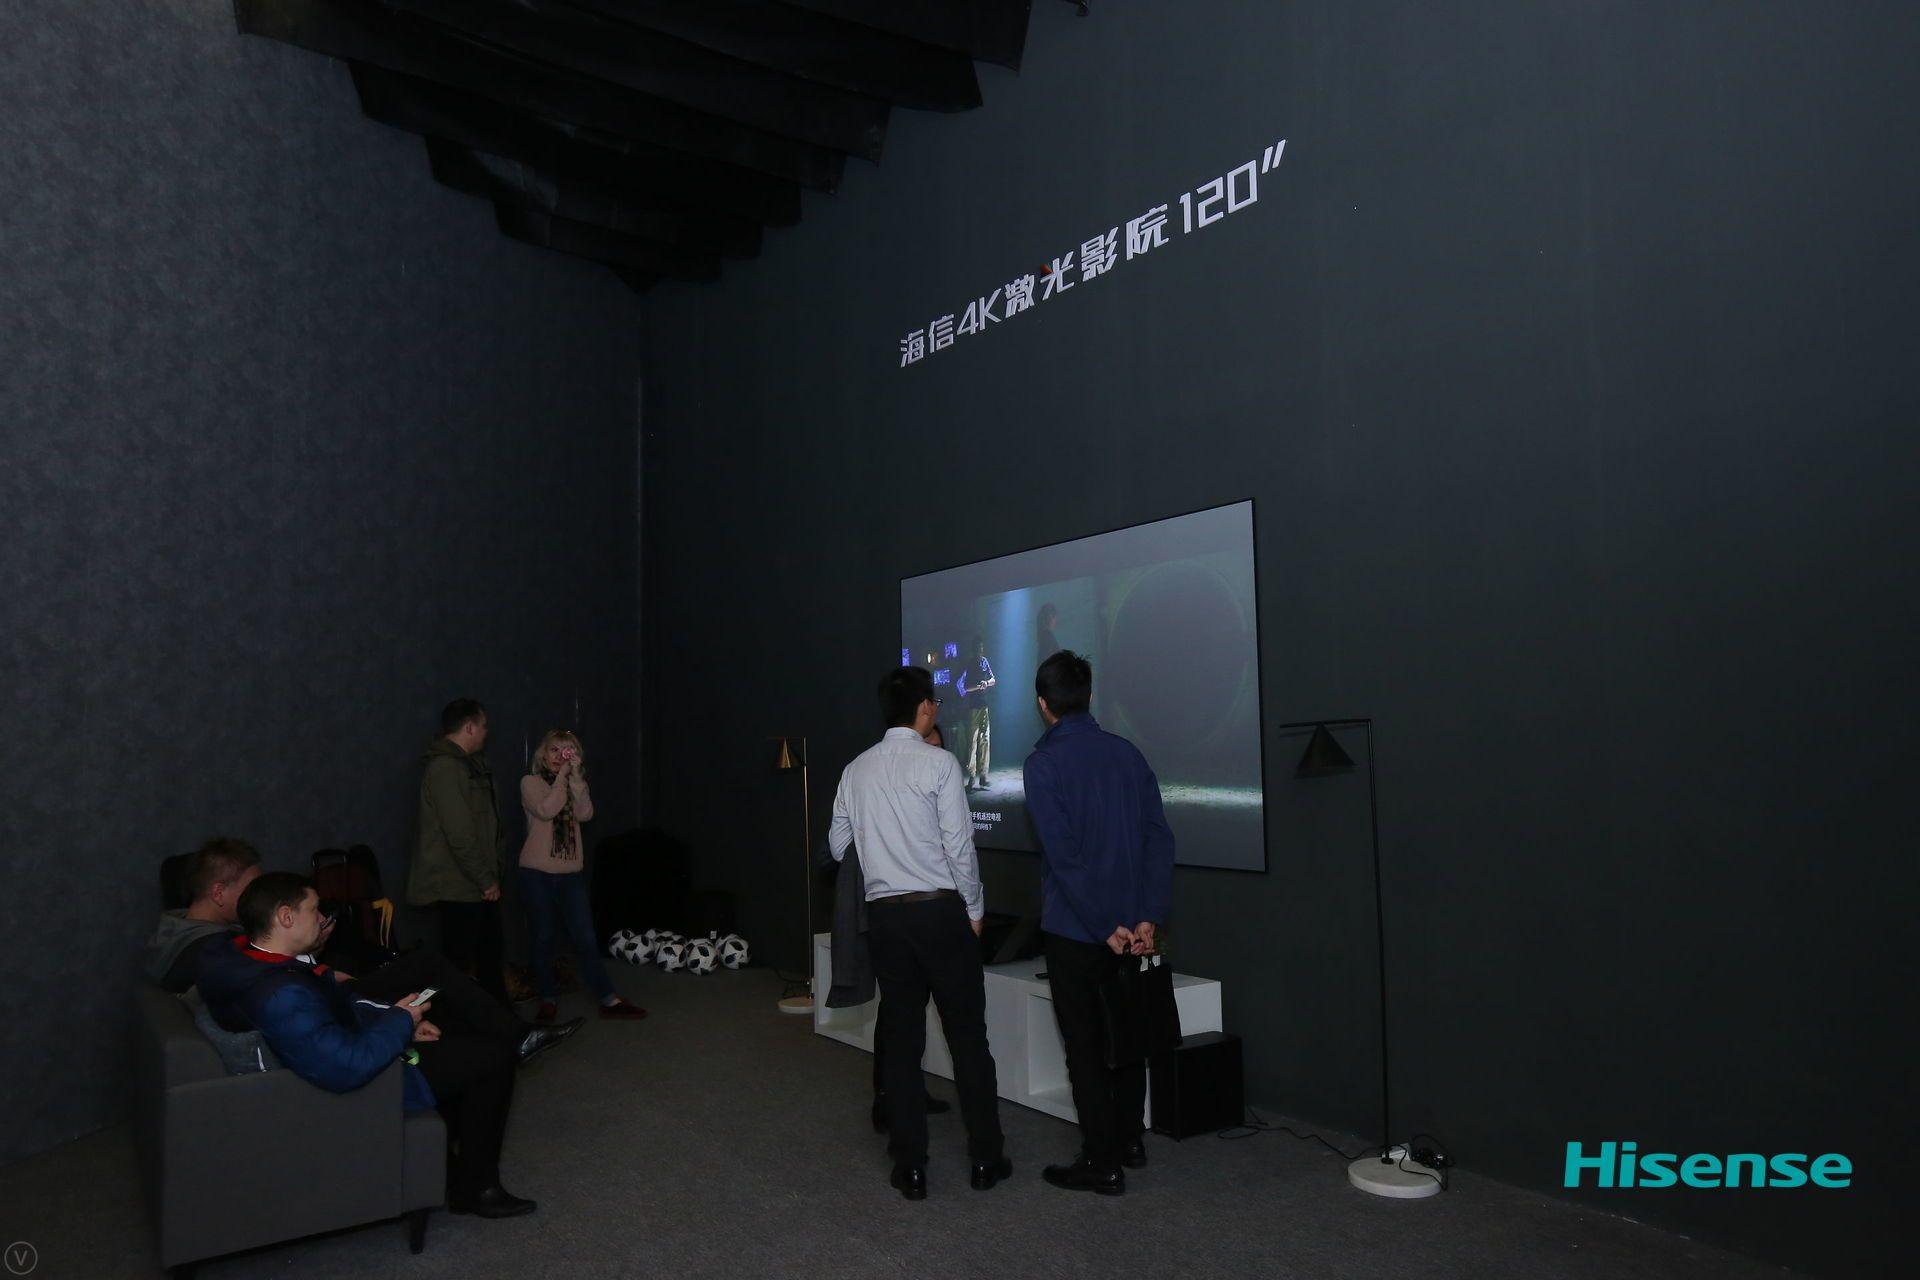 海信AWE再亮绝技,推出全球首款300英寸激光影院